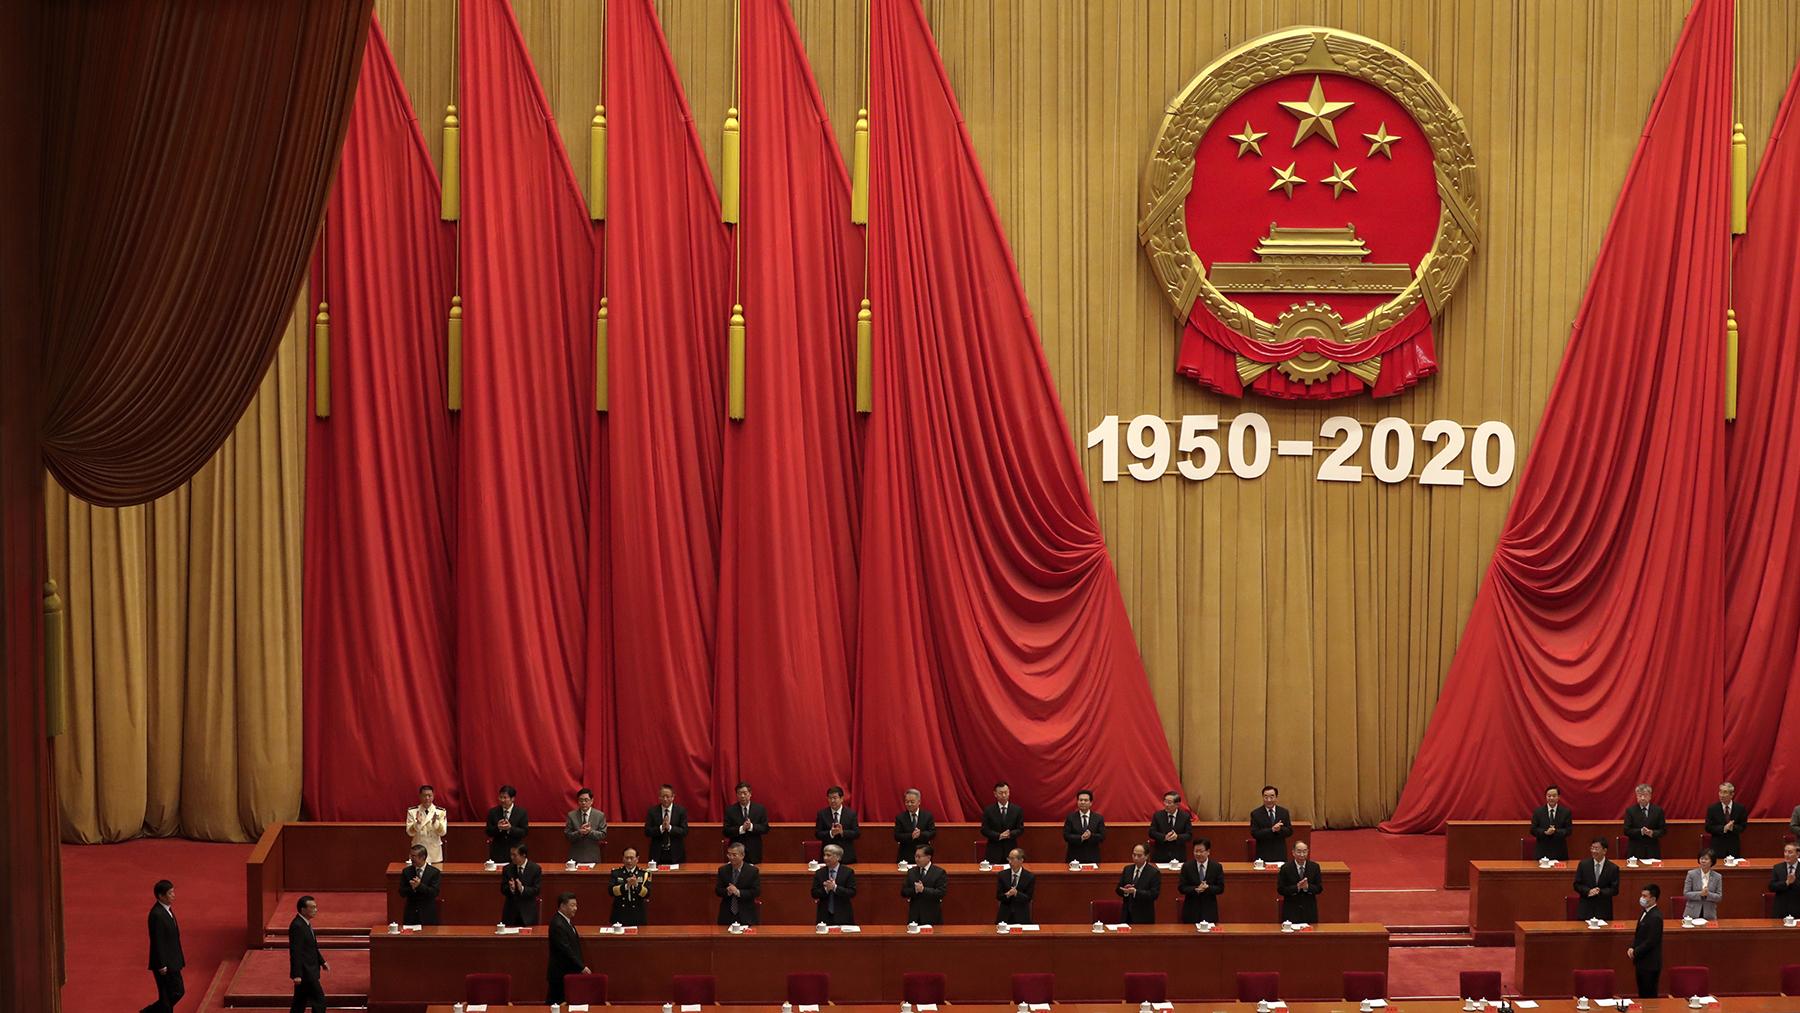 2020年10月22日,中国举行纪念朝鲜战争70周年活动。(美联社)